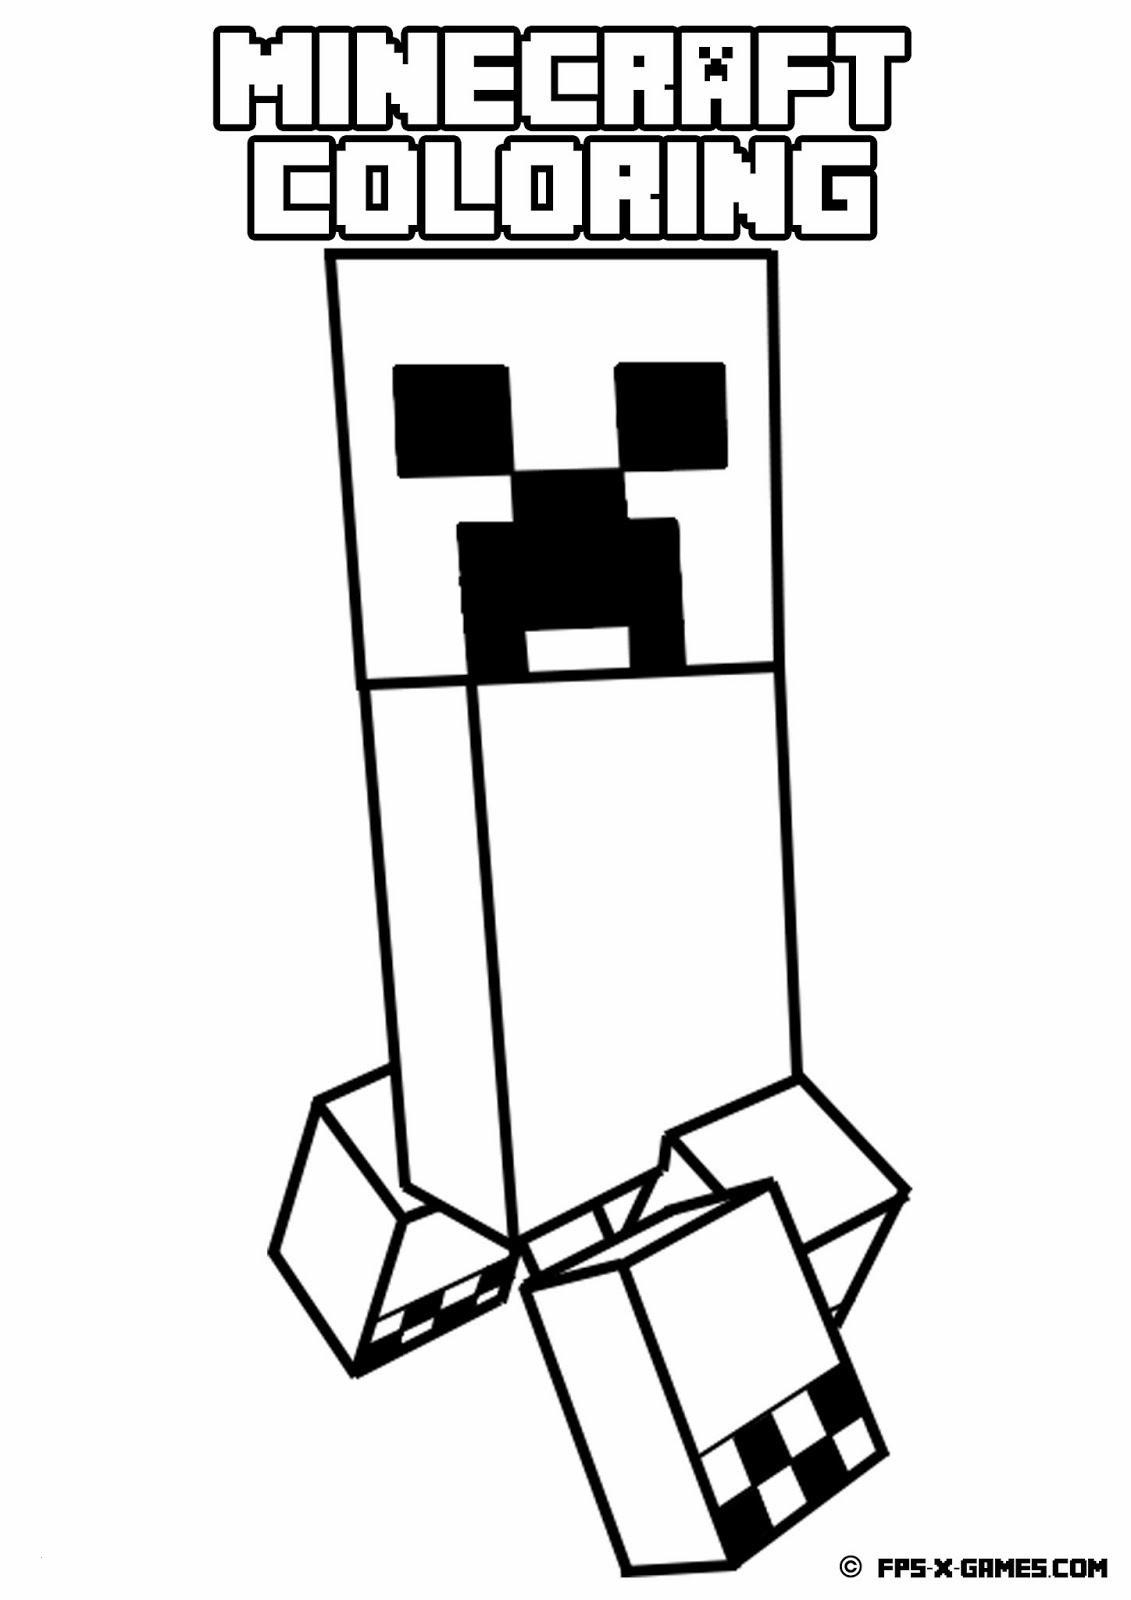 Minecraft Ausmalbilder Schwert Inspirierend 45 Inspirierend Minecraft Ausmalbilder Skins Beste Malvorlage Das Bild